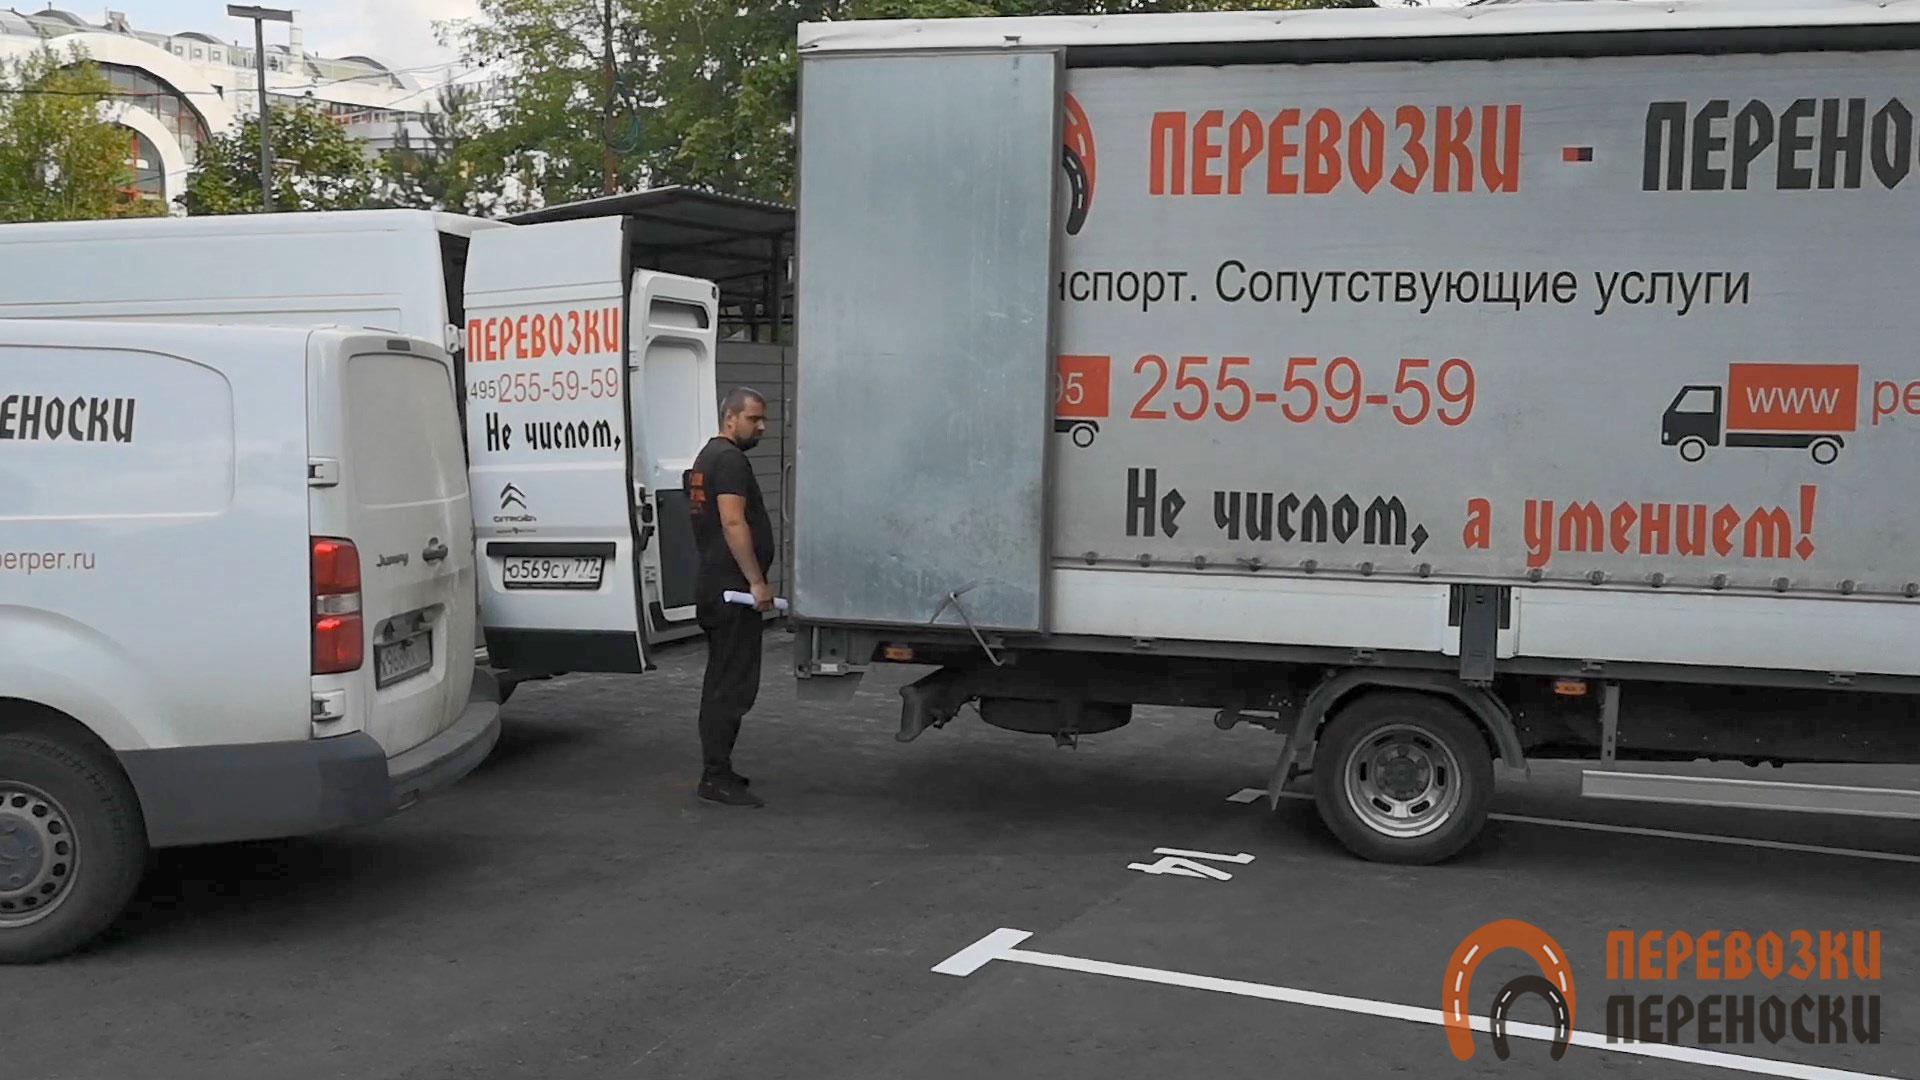 Особенности перевозки и расчета стоимости транспортировки бильярдного стола